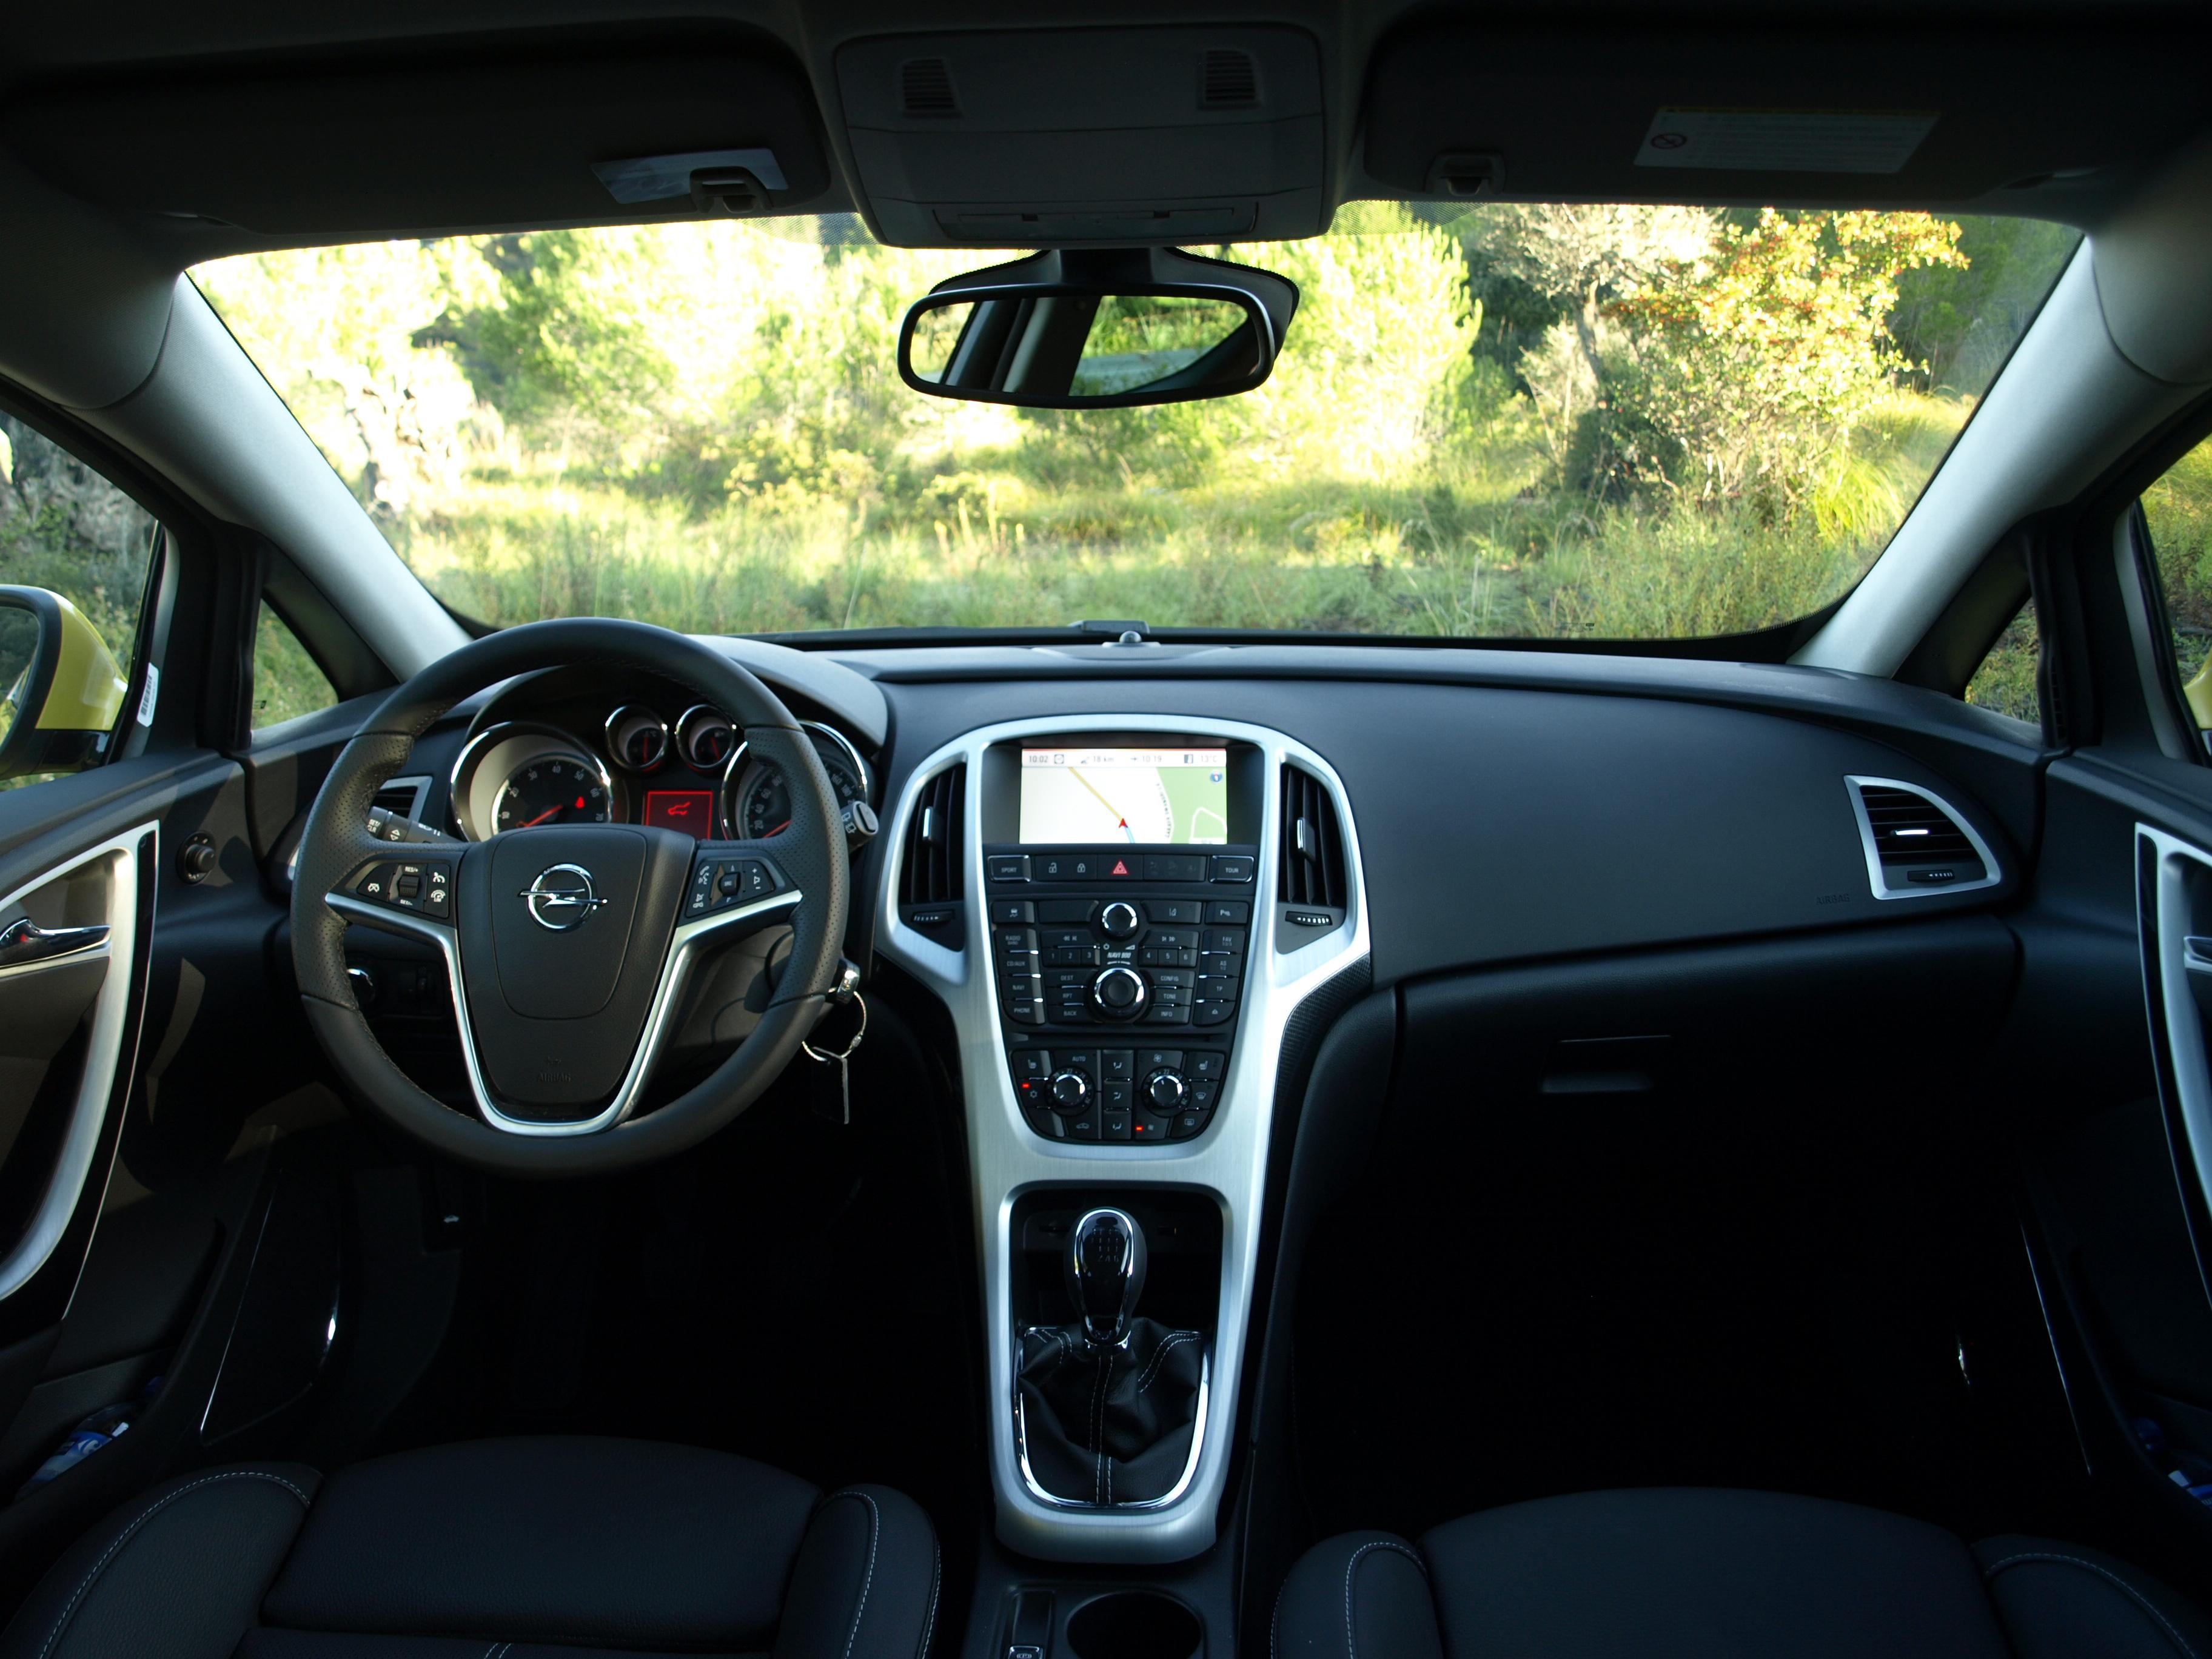 Essai vid o opel astra gtc le sens de la trajectoire for Opel astra f interieur